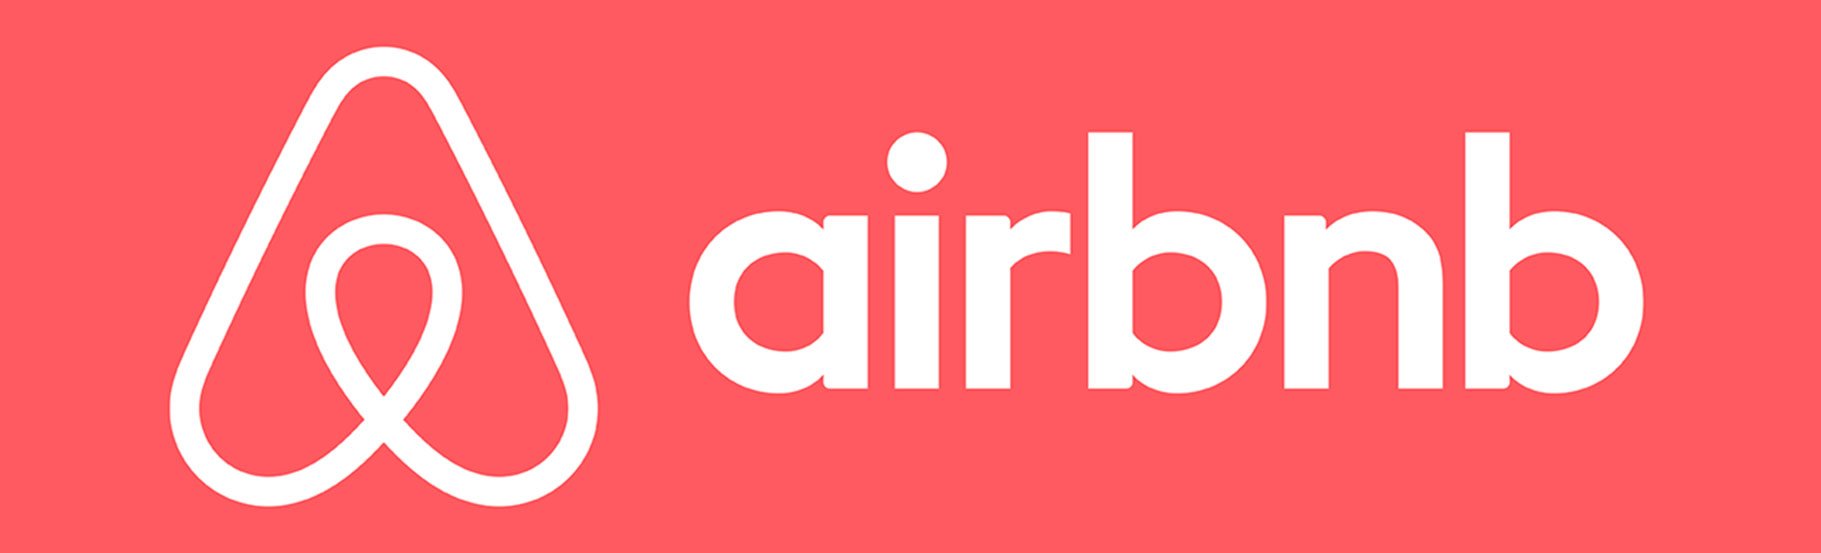 horizontalni logo Airbnb u jednoj boji